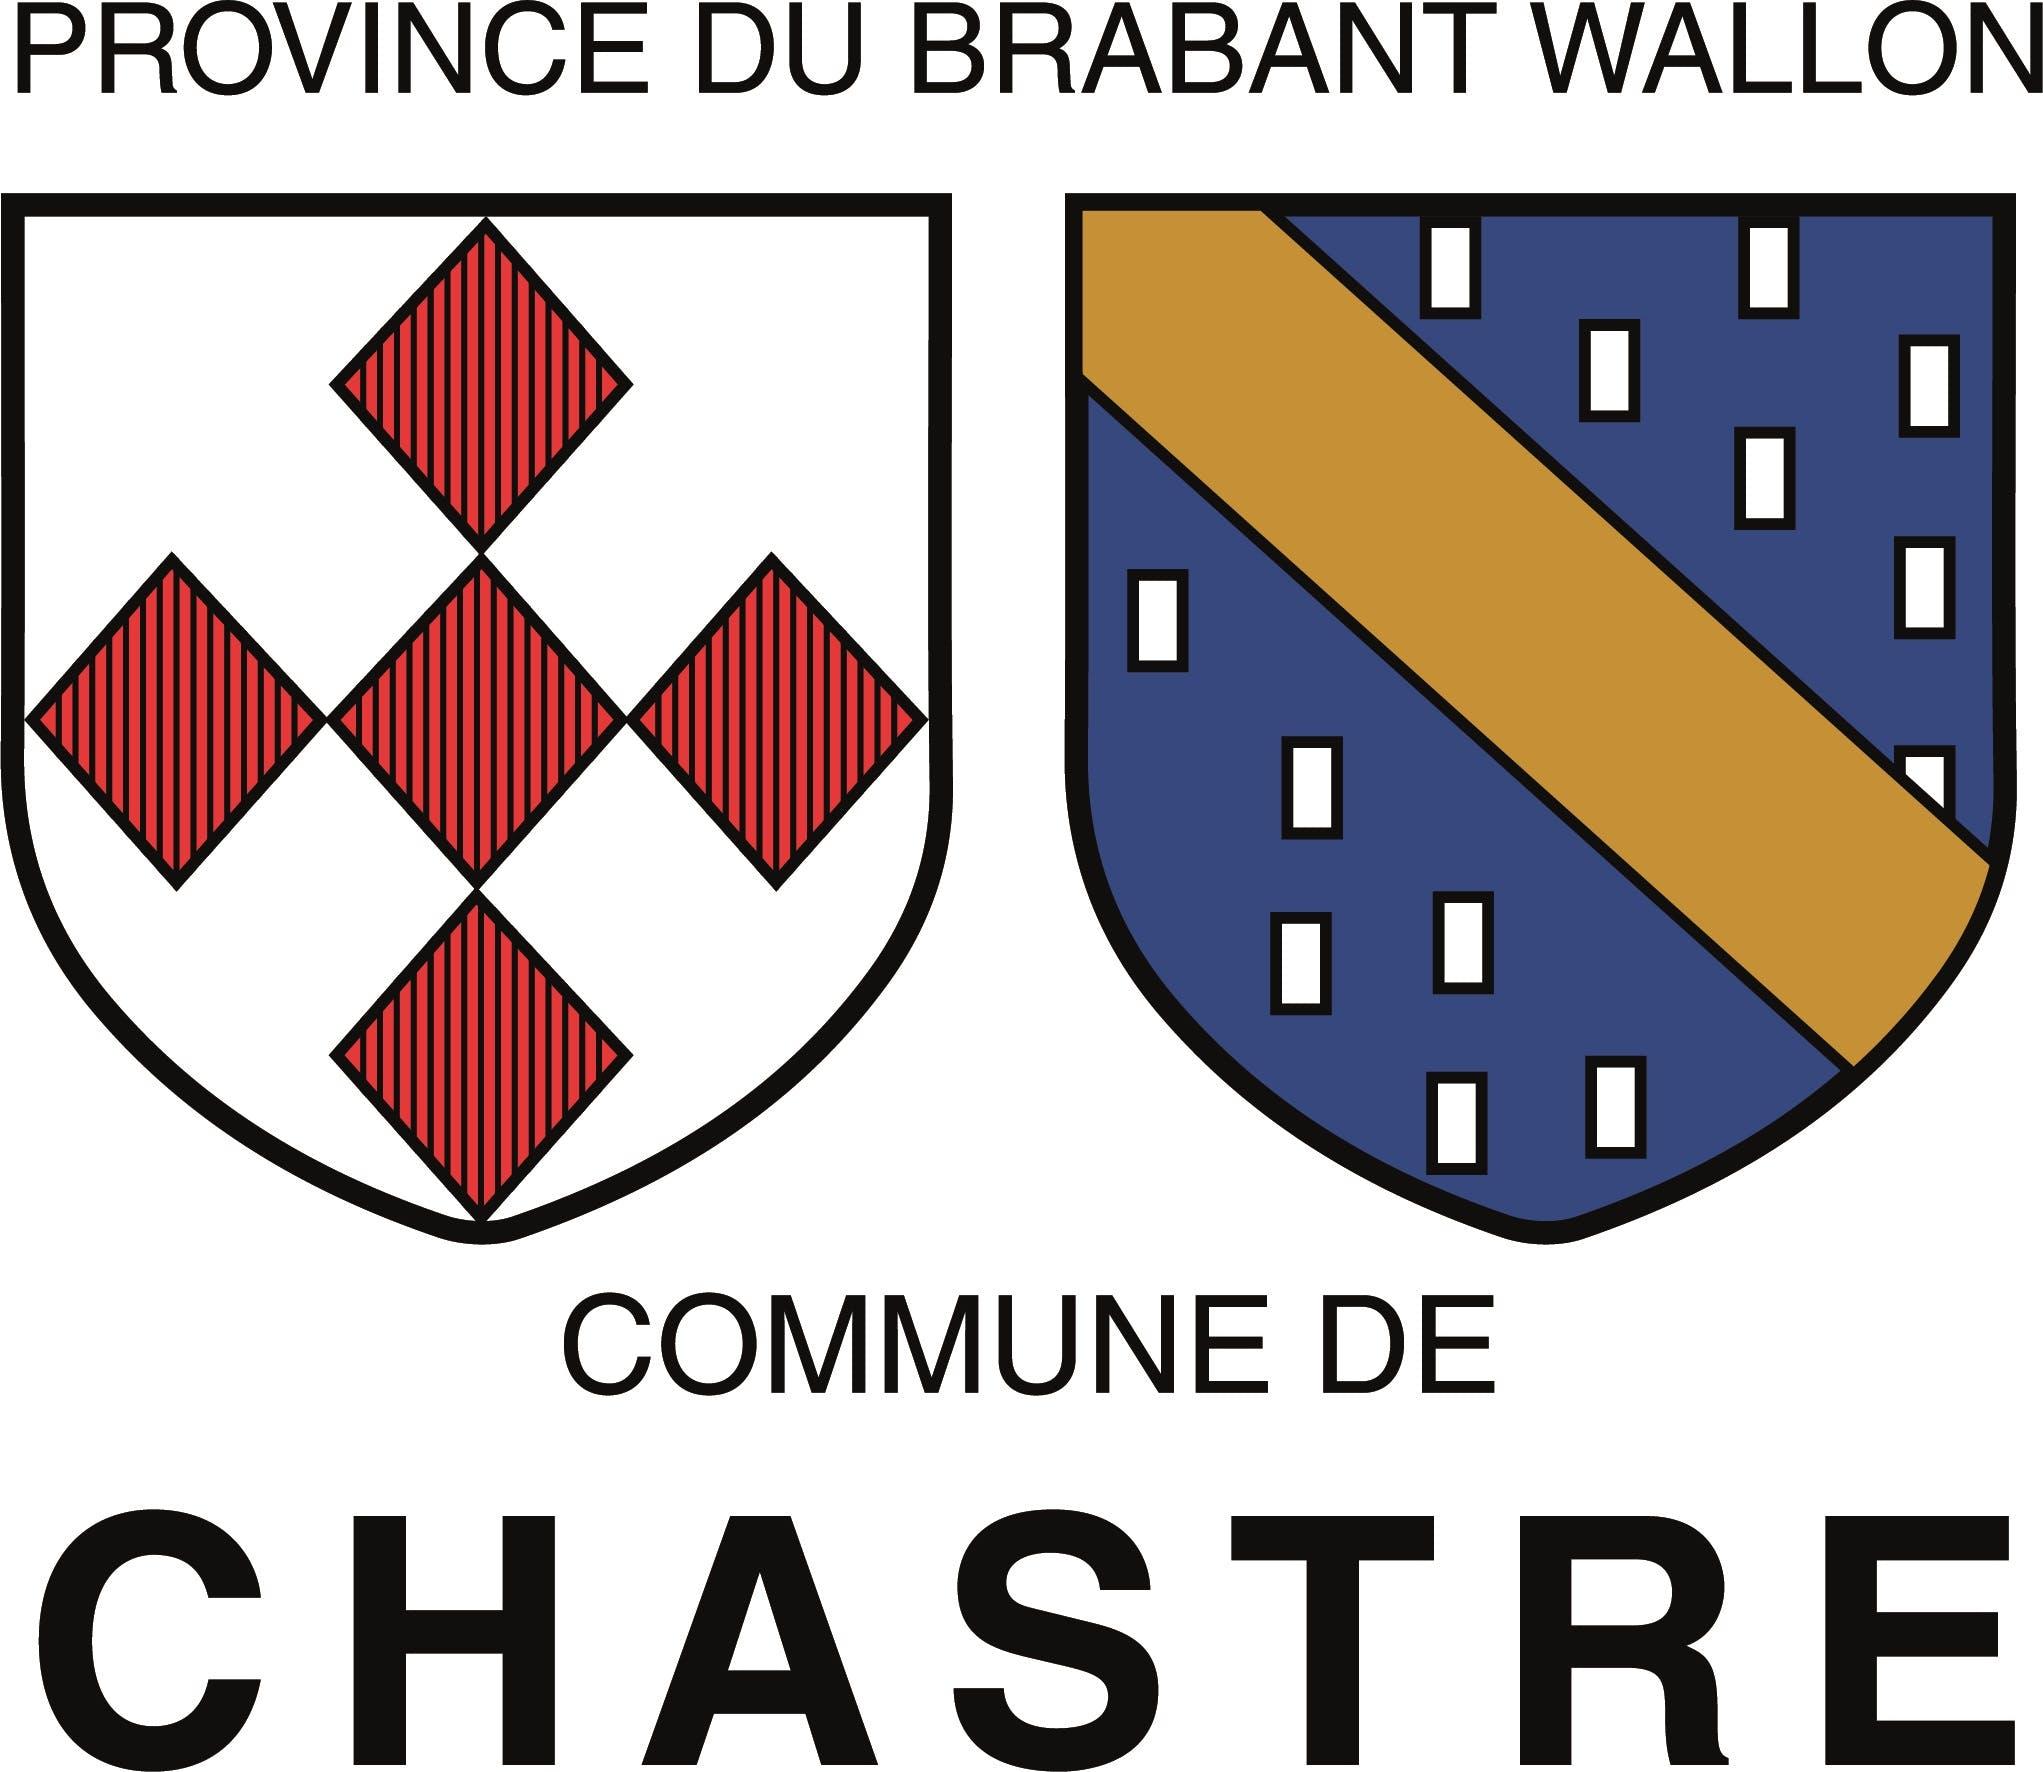 Commune de Chastre